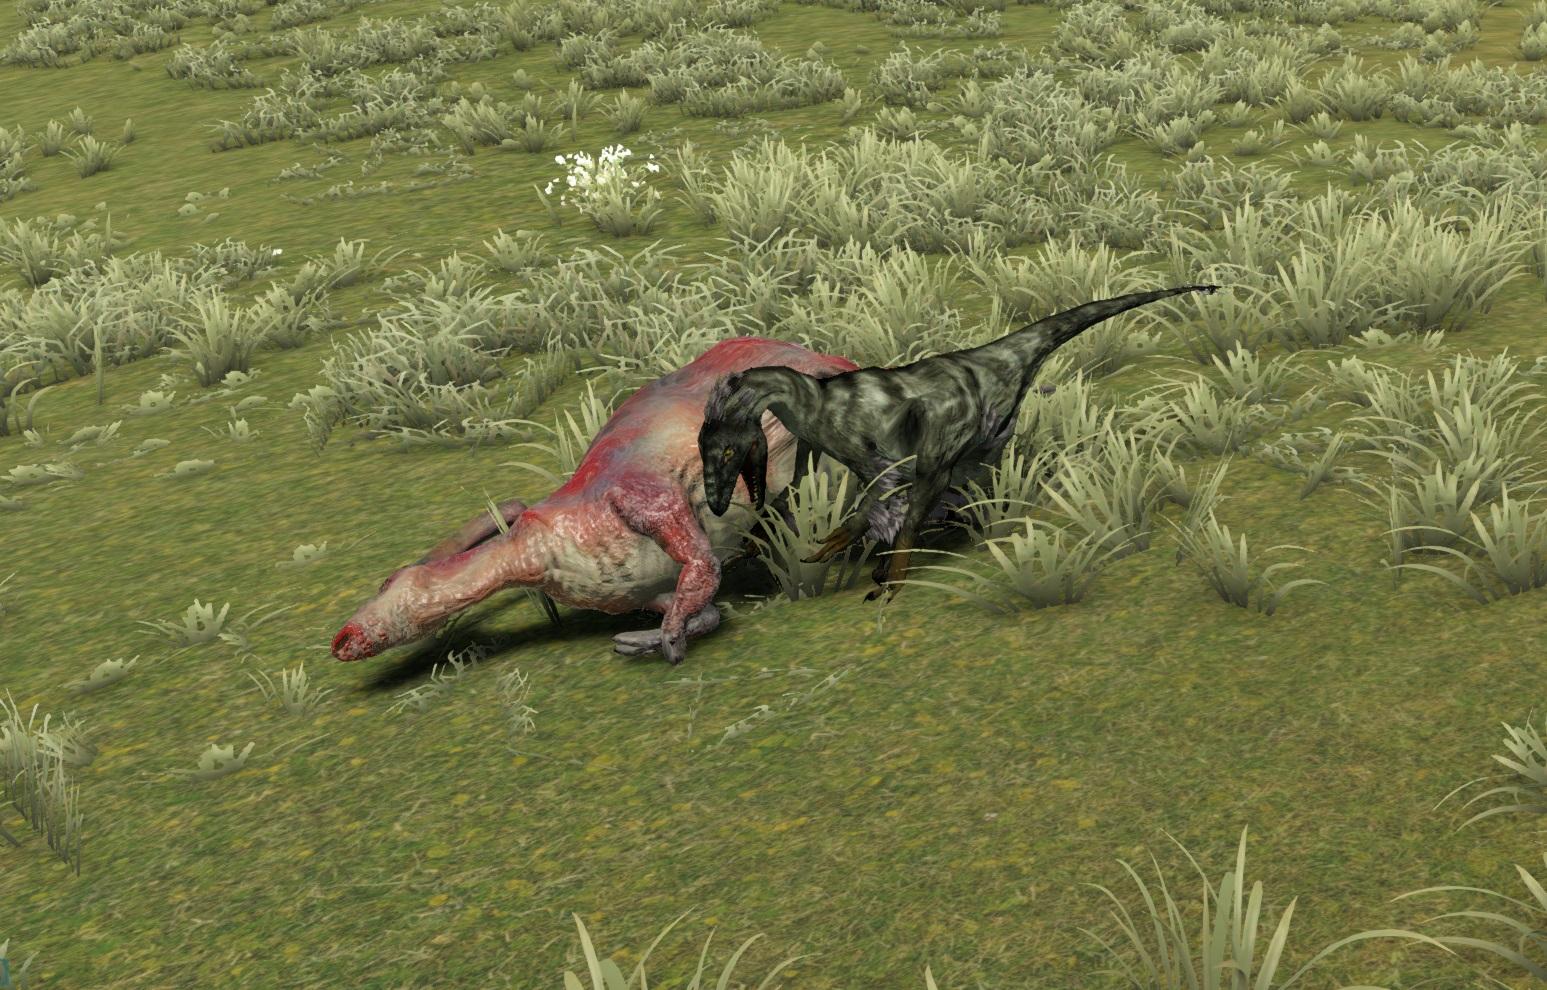 Raptor_Scavange.jpg